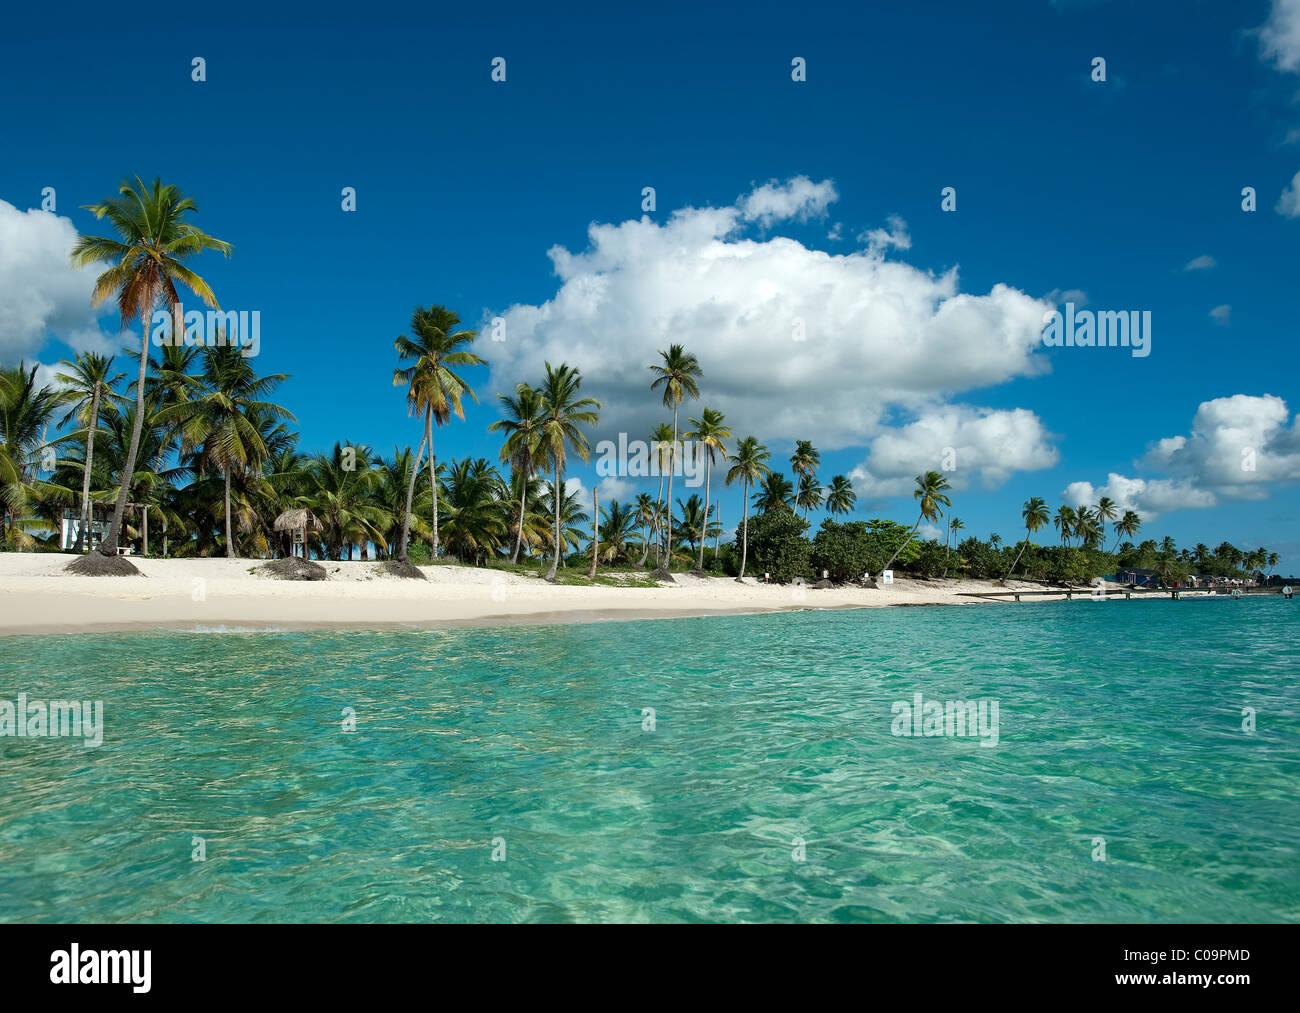 La plage de Bayahibe, République Dominicaine Photo Stock